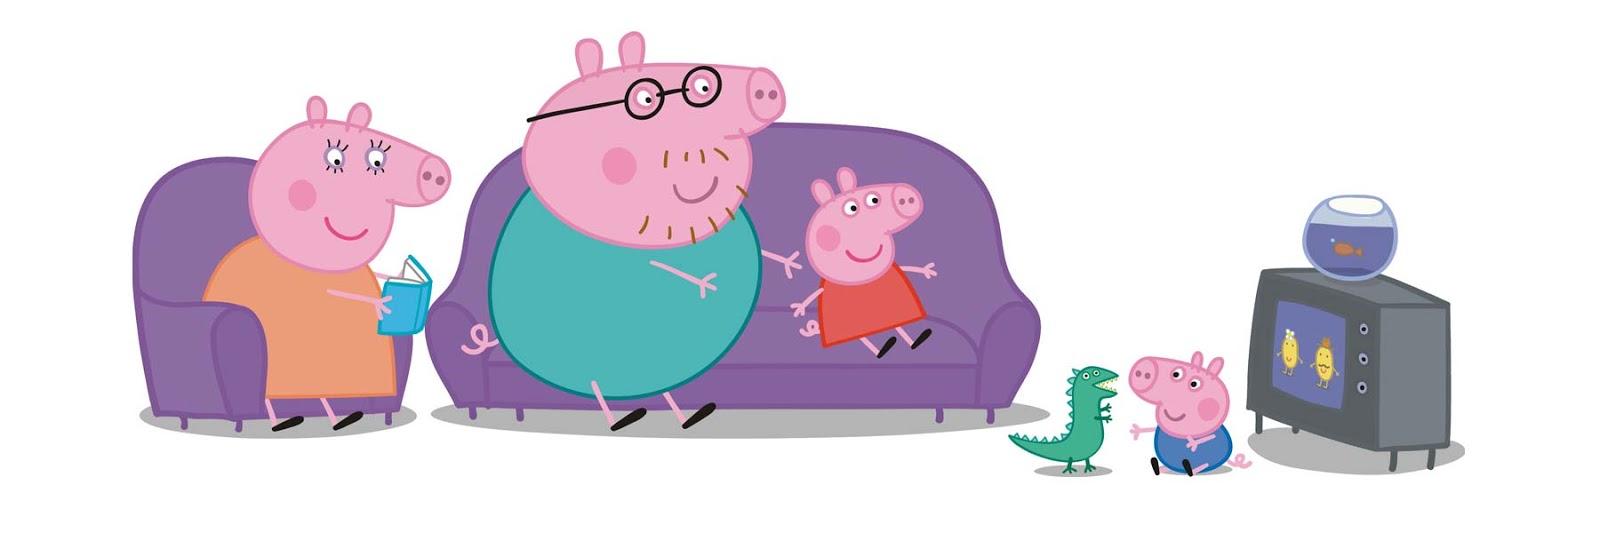 Nickalive Nickelodeon Usa And Nick Jr Usa To Premiere New